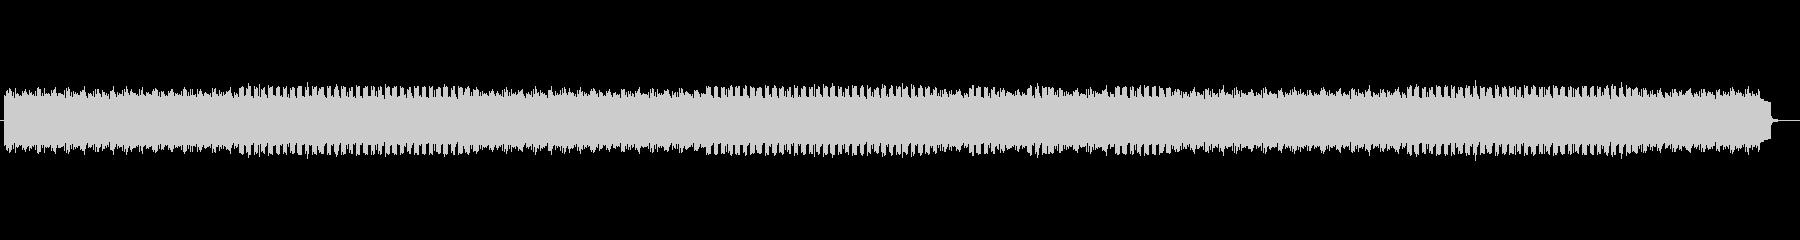 近未来感のある謎めいたシンセミュージックの未再生の波形